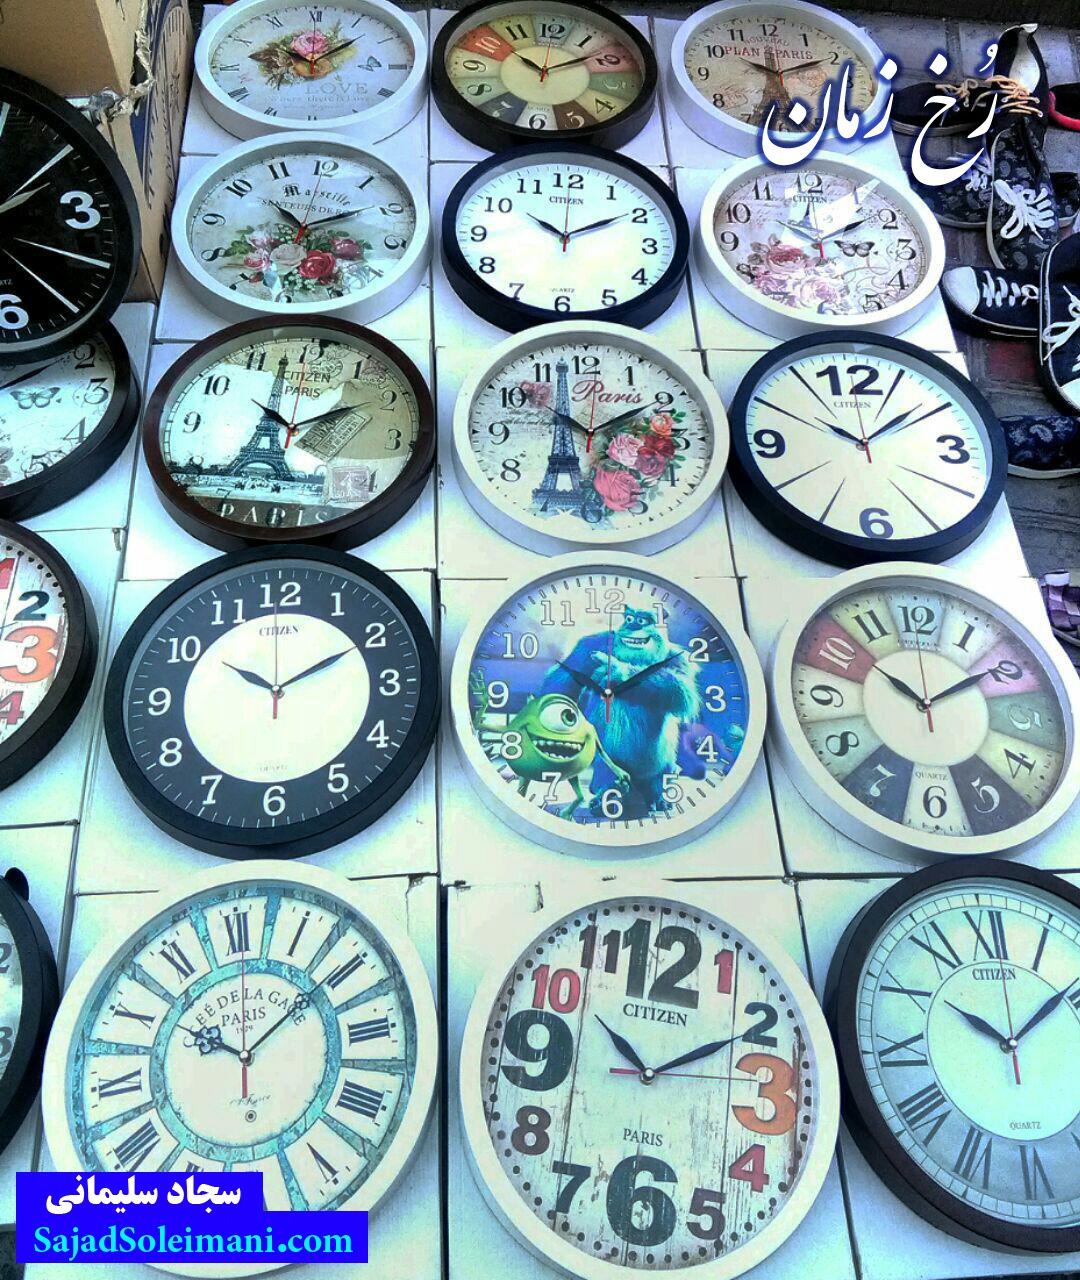 رخ زمان-گالری عکس نقاشی : آیا زمان فروشی است؟